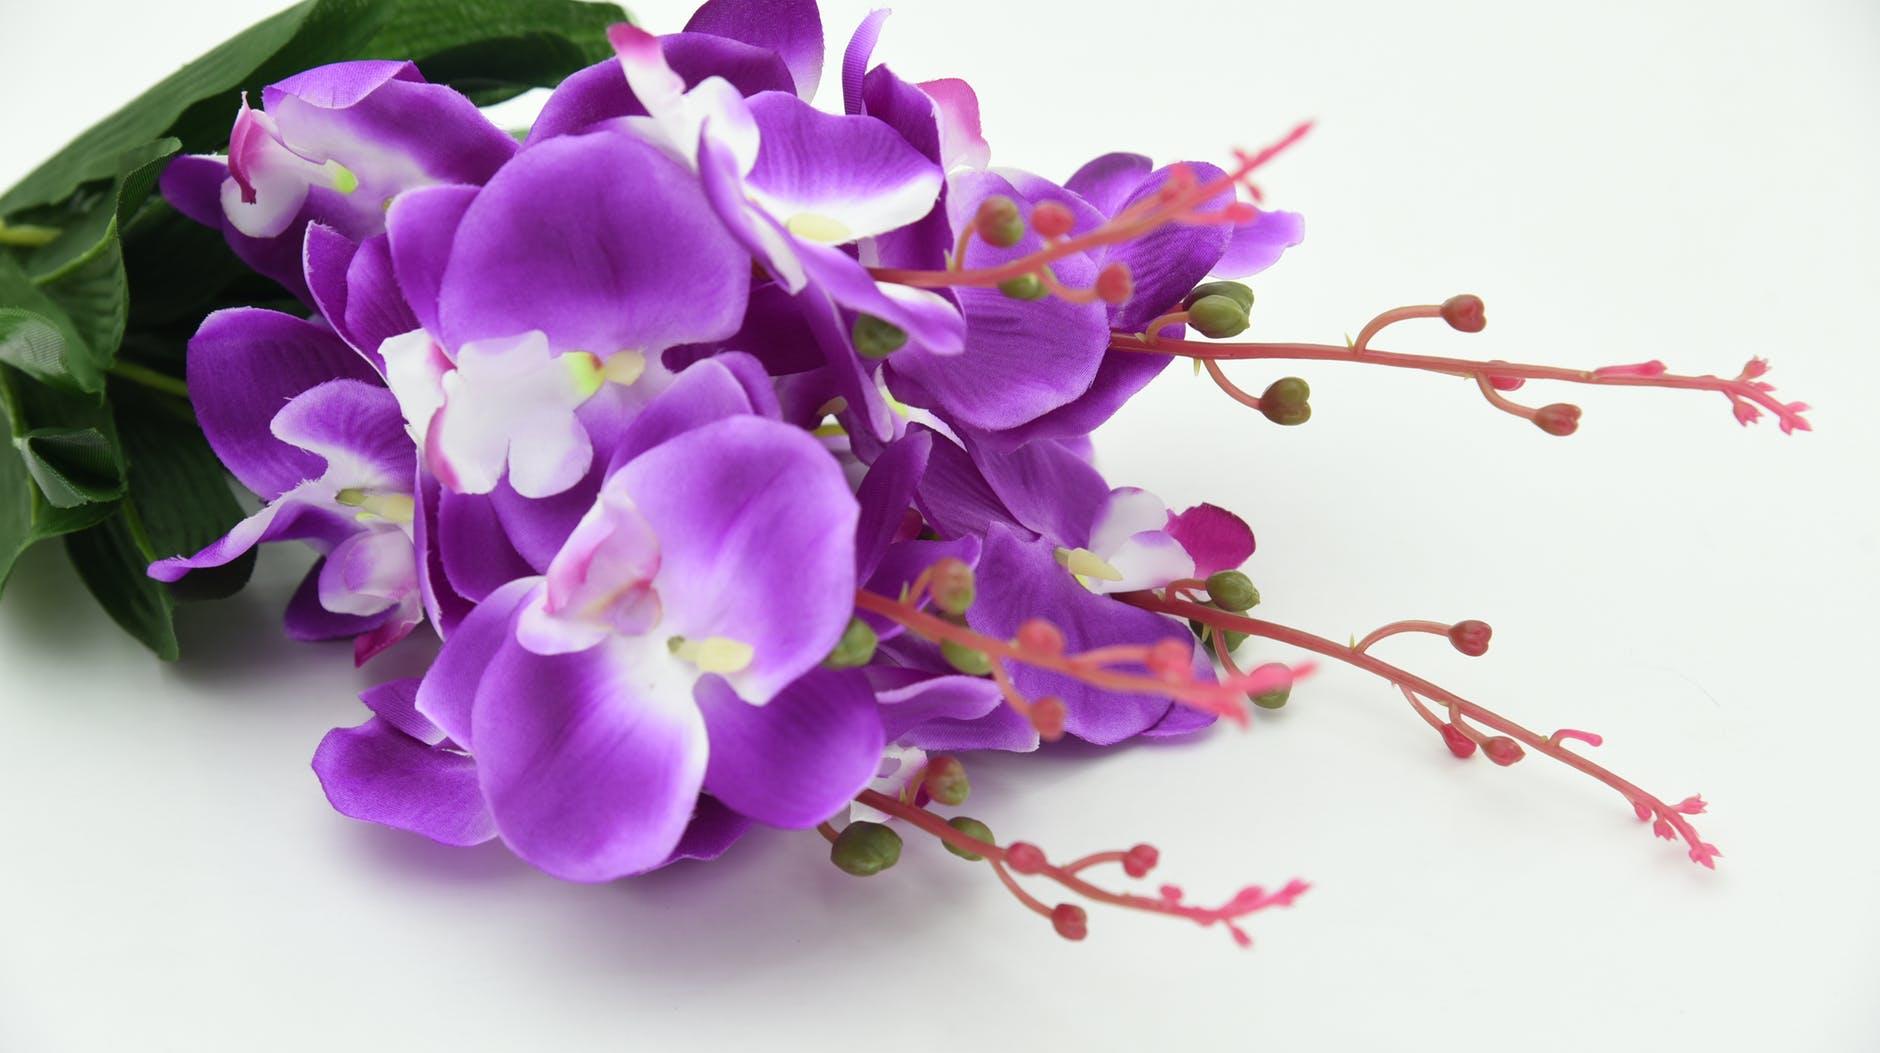 Jenis Bunga Anggrek Termahal, Seperti Apa Bentuknya?